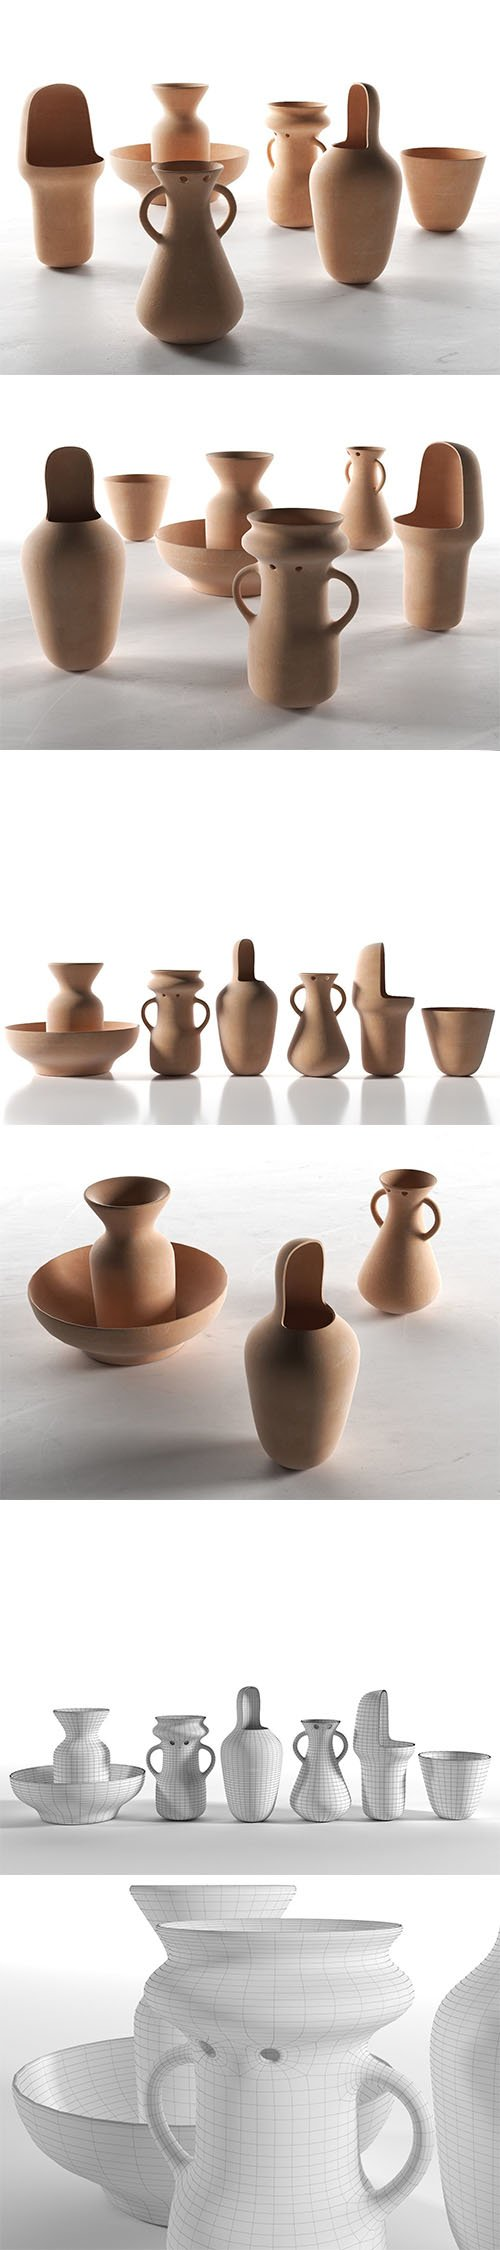 Gardenias Vases 3D model